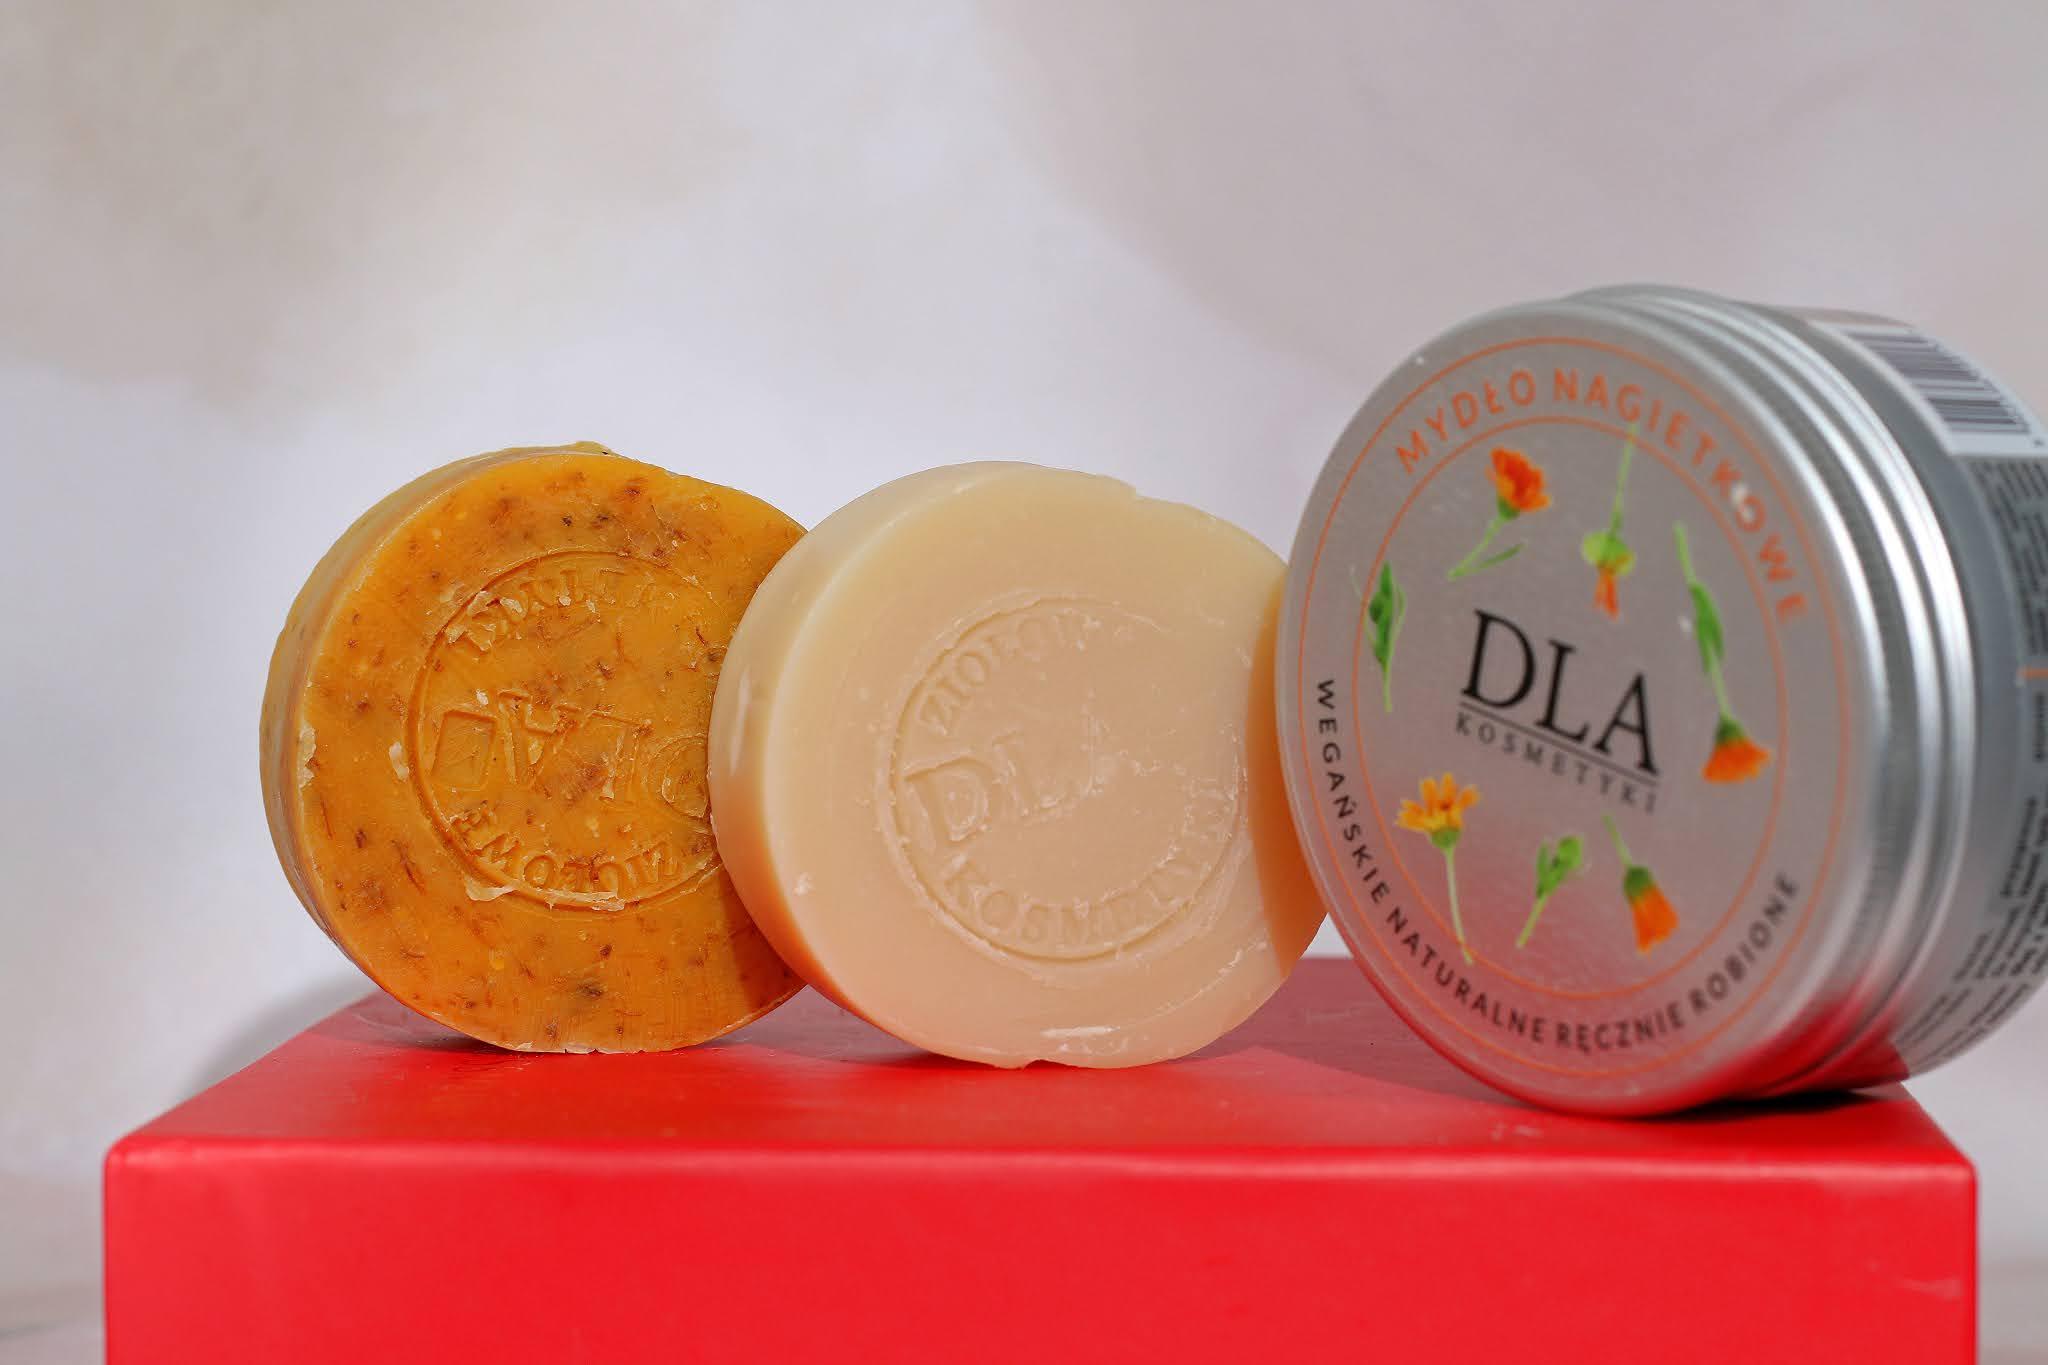 Kosmetyki Dla mydła naturalne